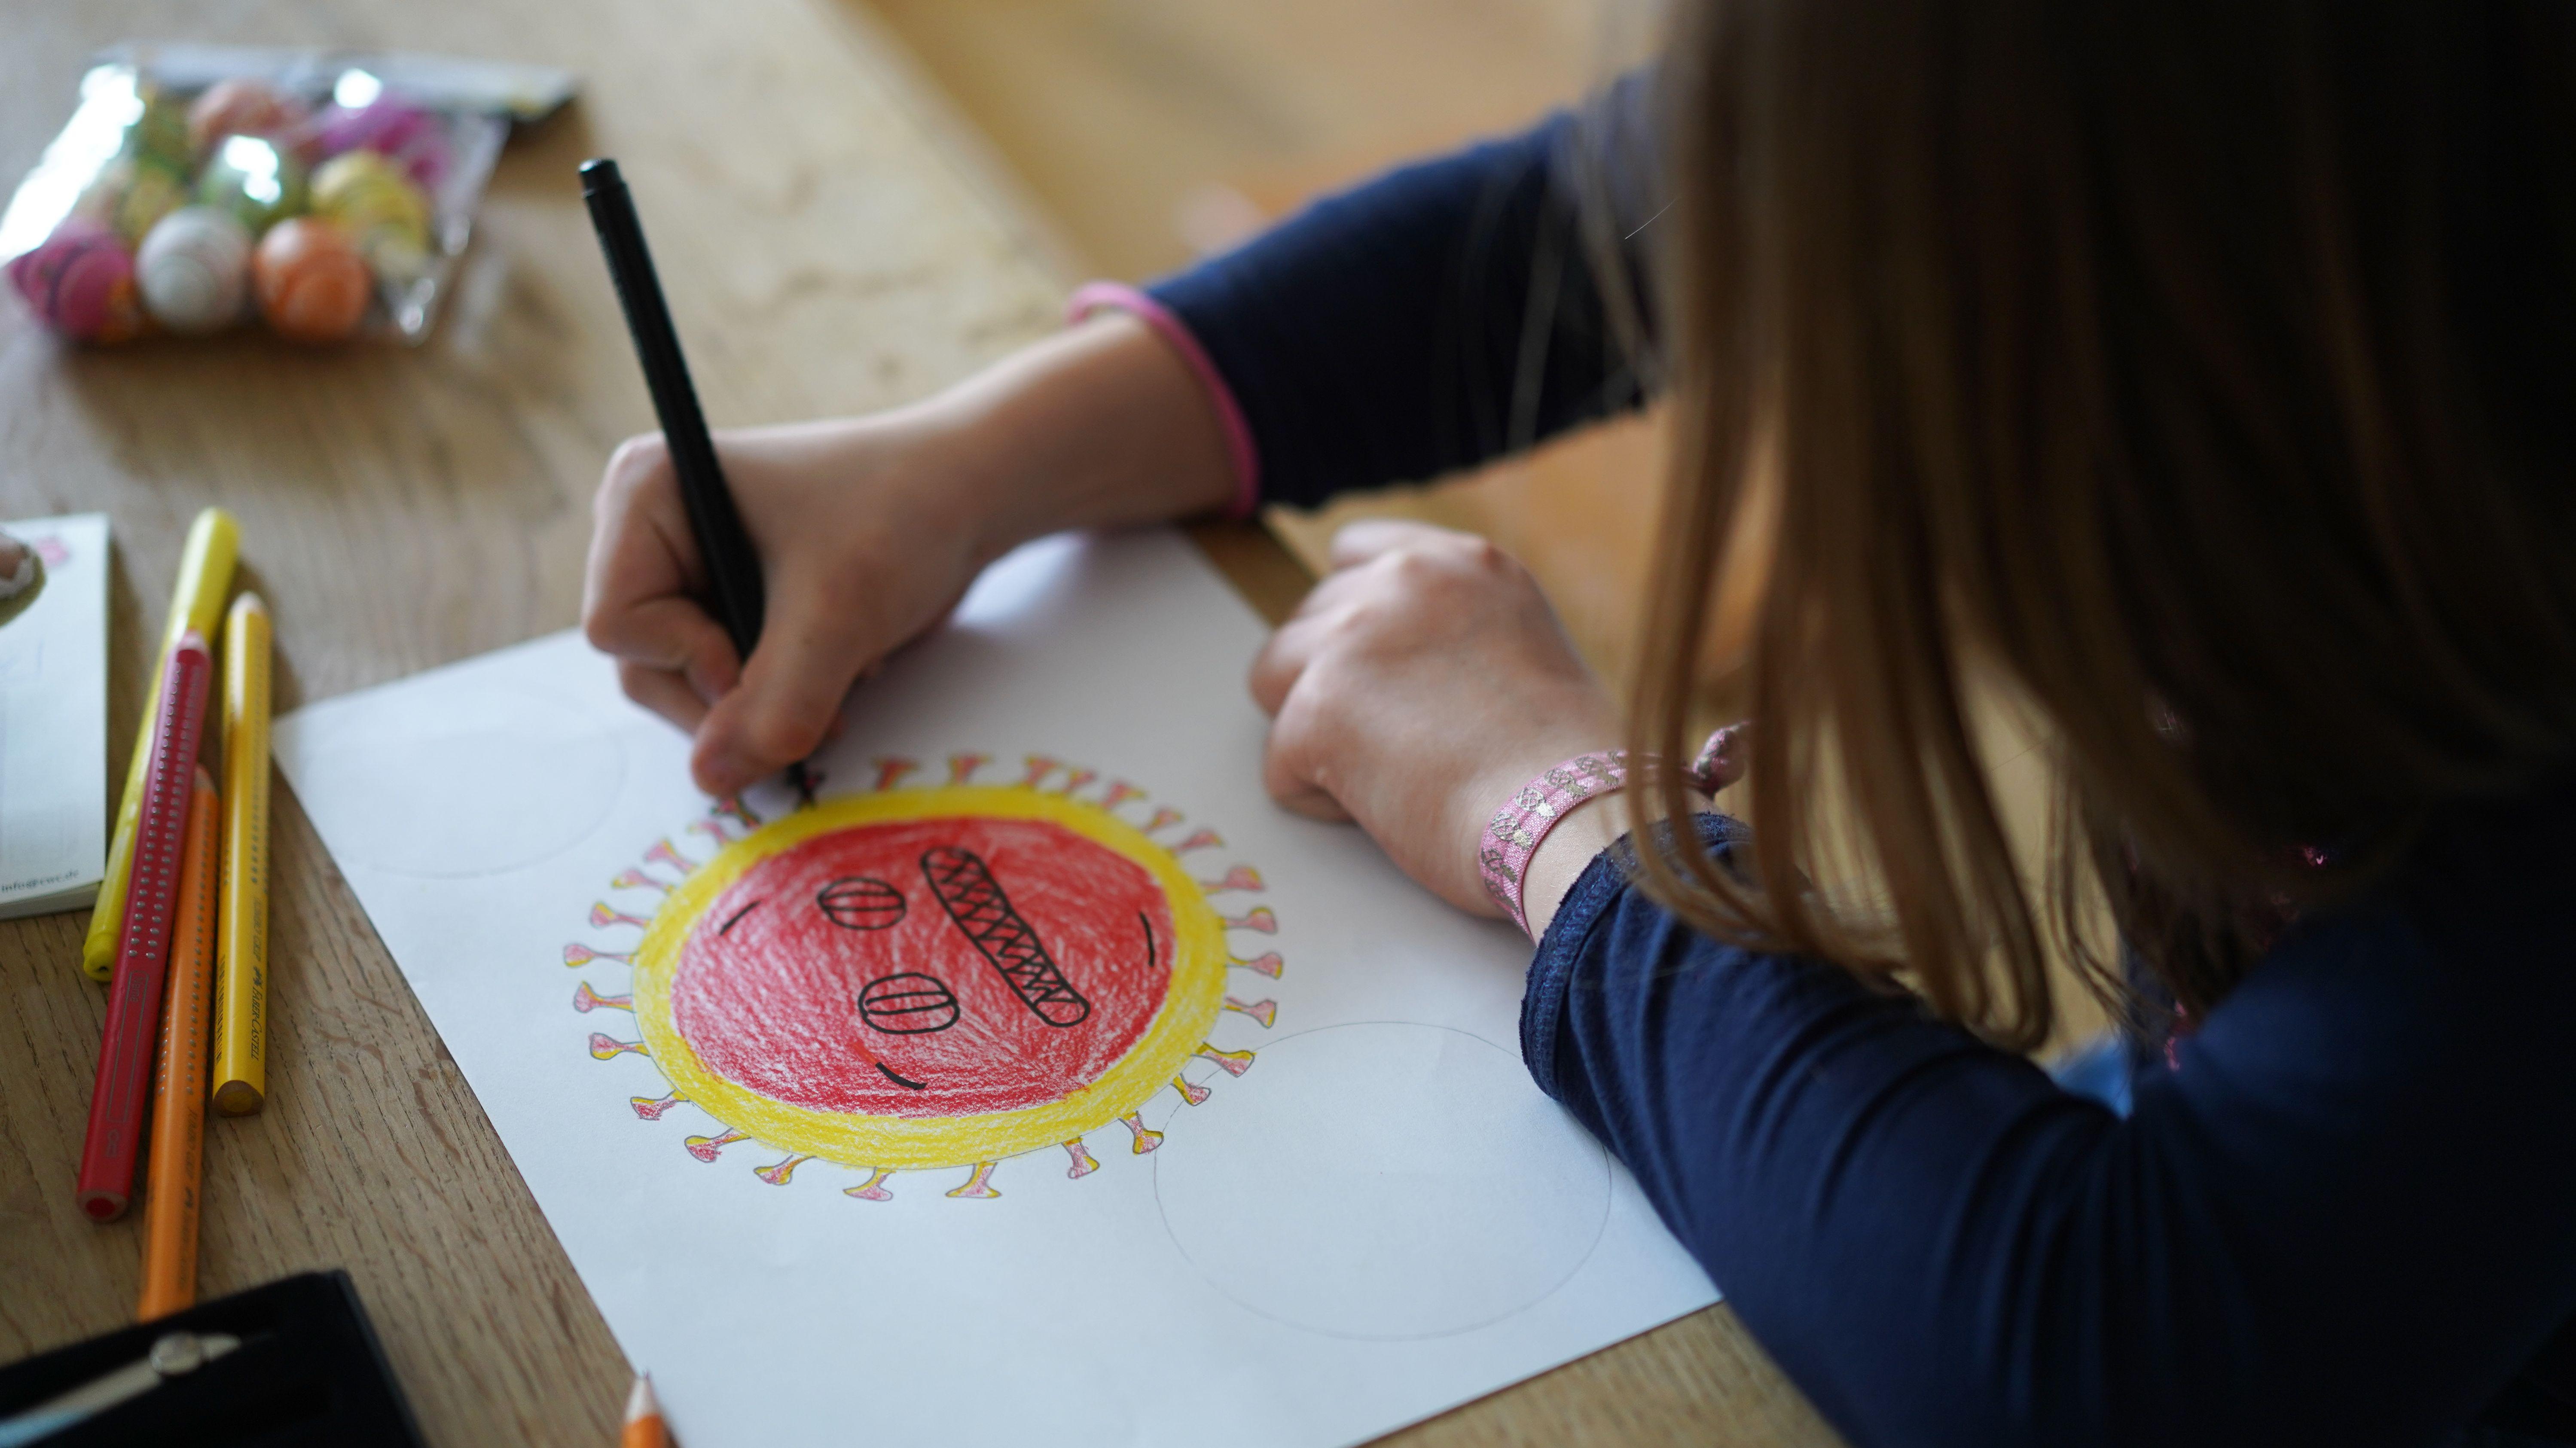 Ein Mädchen versucht, das Coronavirus zu zeichnen (Symbolbild).